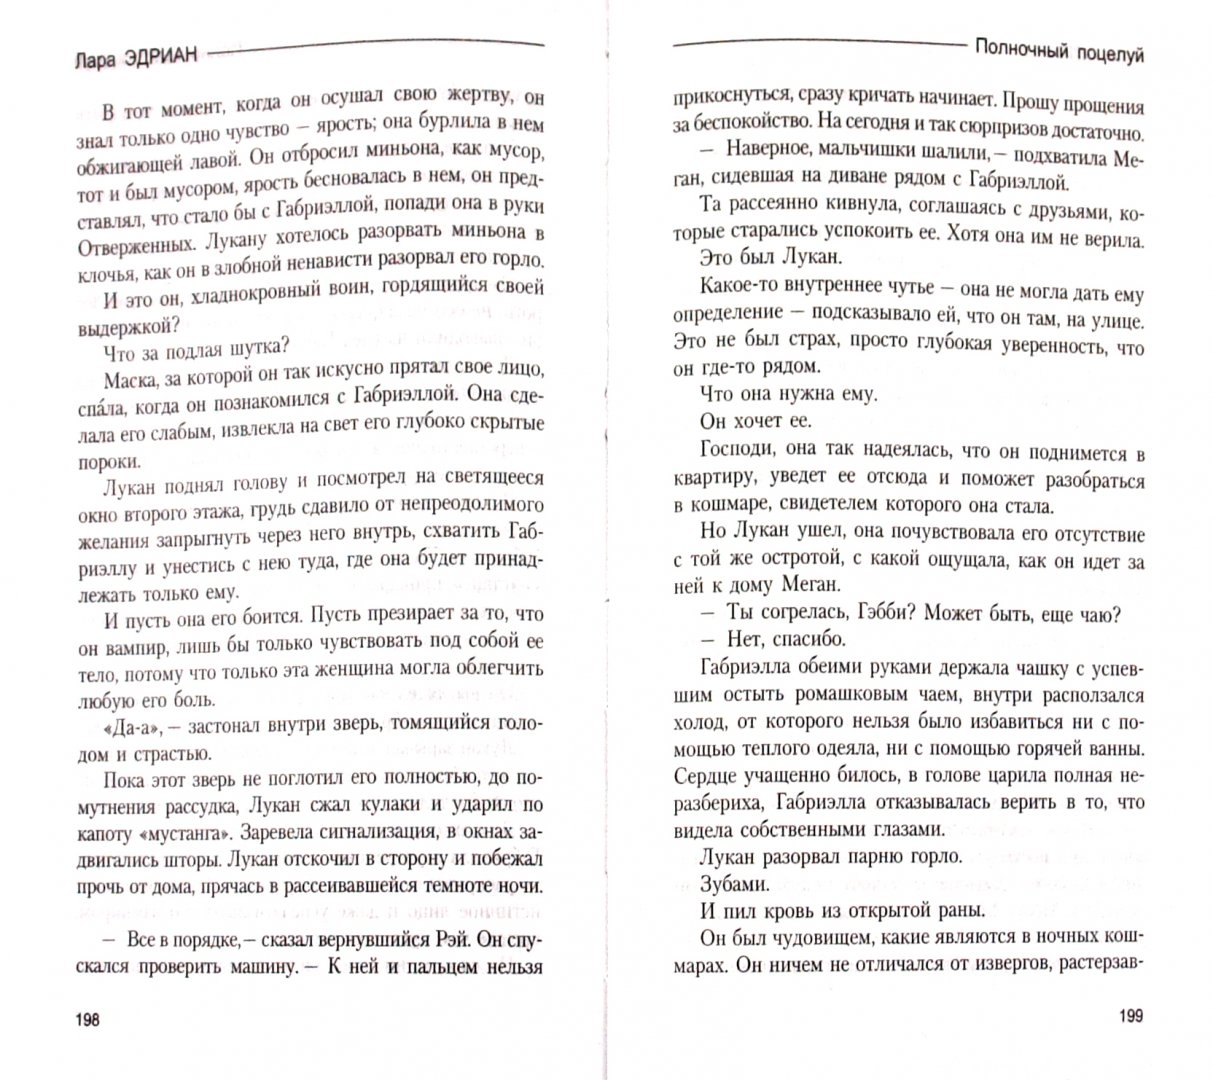 Иллюстрация 1 из 8 для Полночный поцелуй - Лара Эдриан | Лабиринт - книги. Источник: Лабиринт